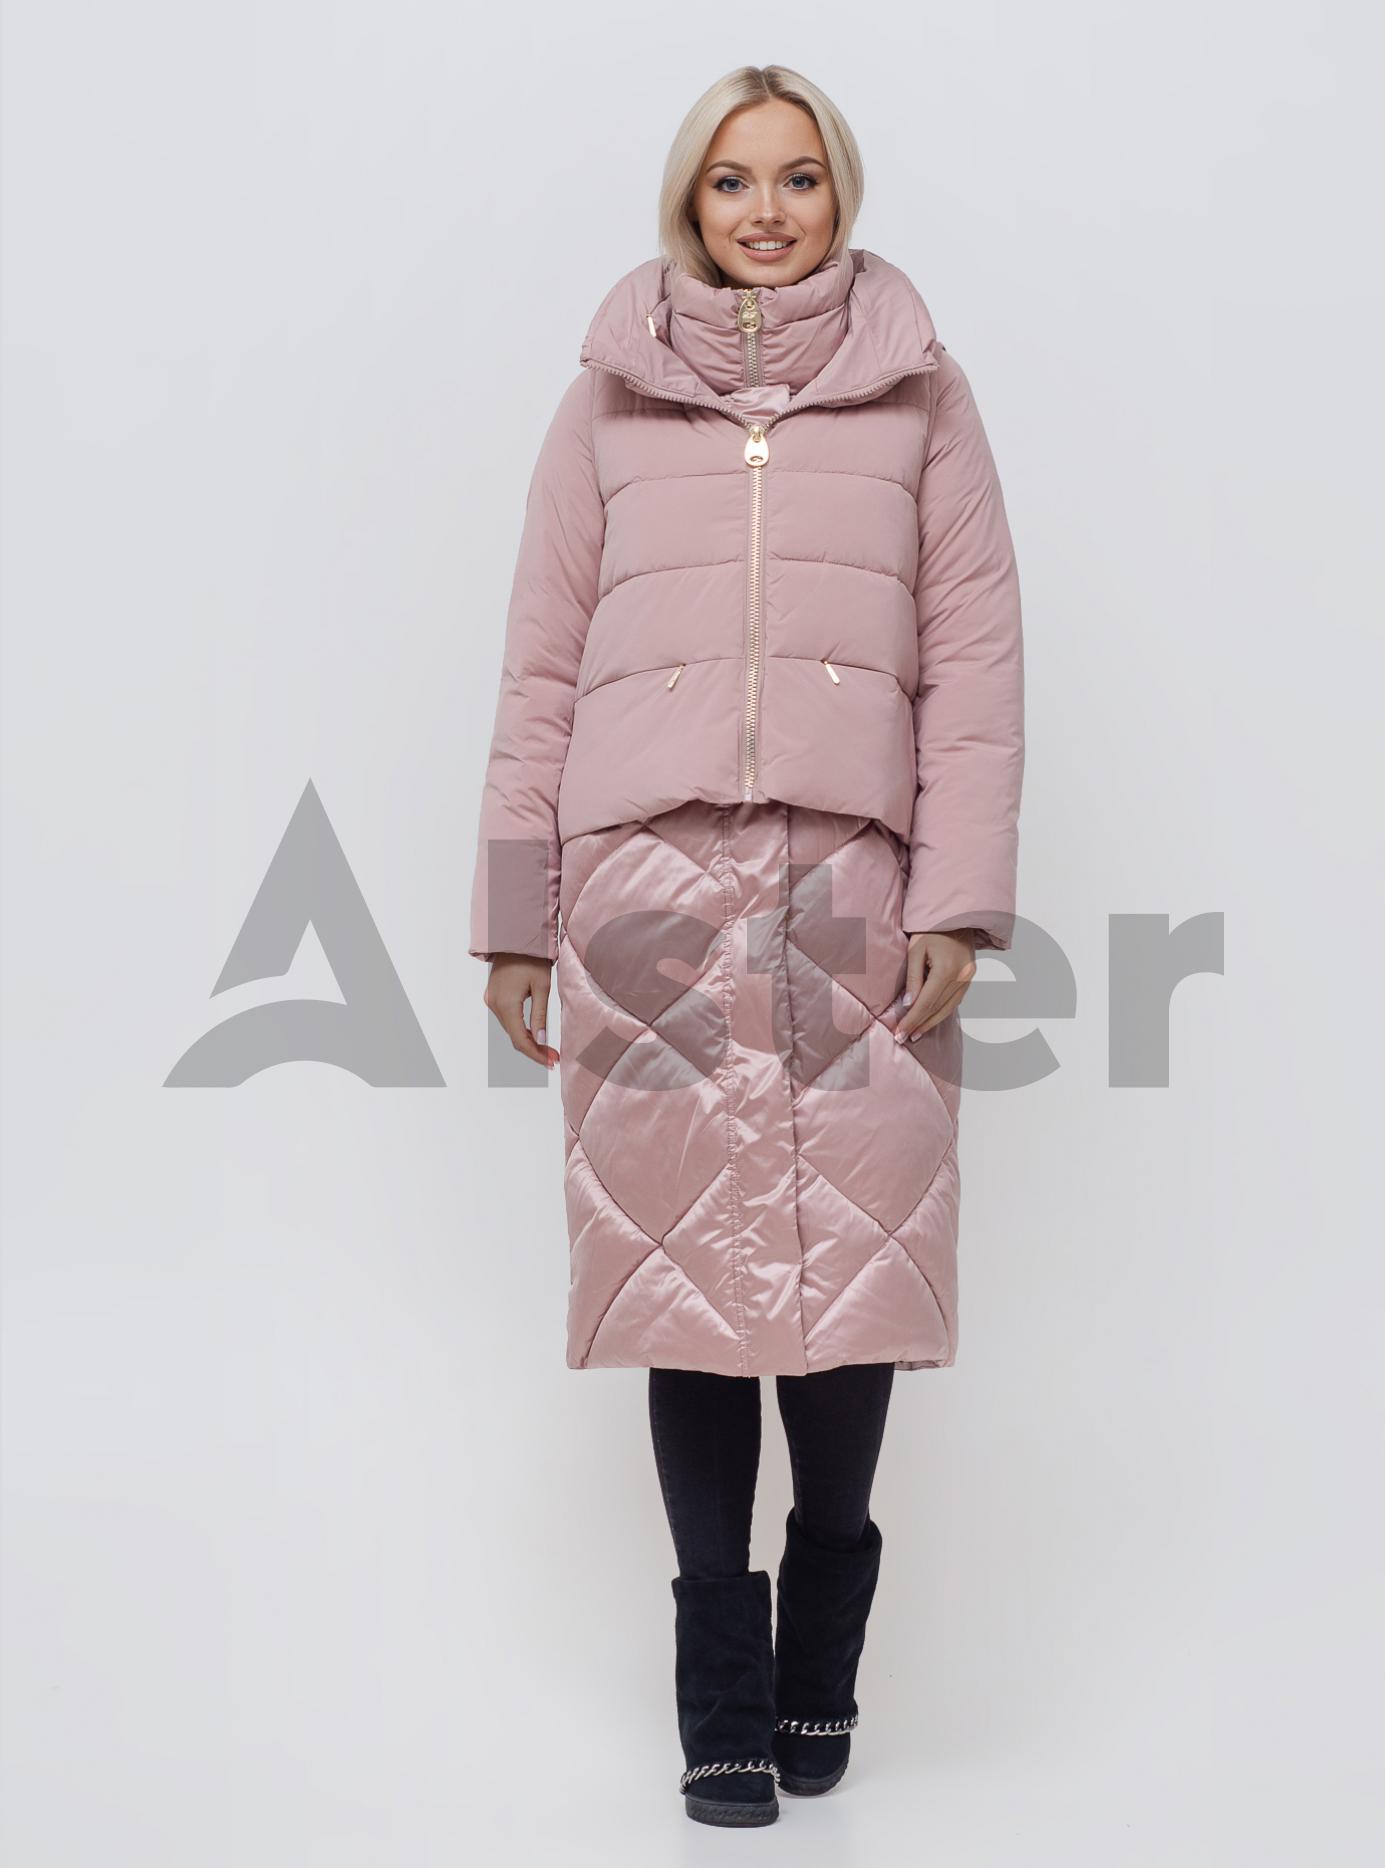 Куртка зимняя длинная с жилетом Розовый 42 (01-N200163): фото - Alster.ua